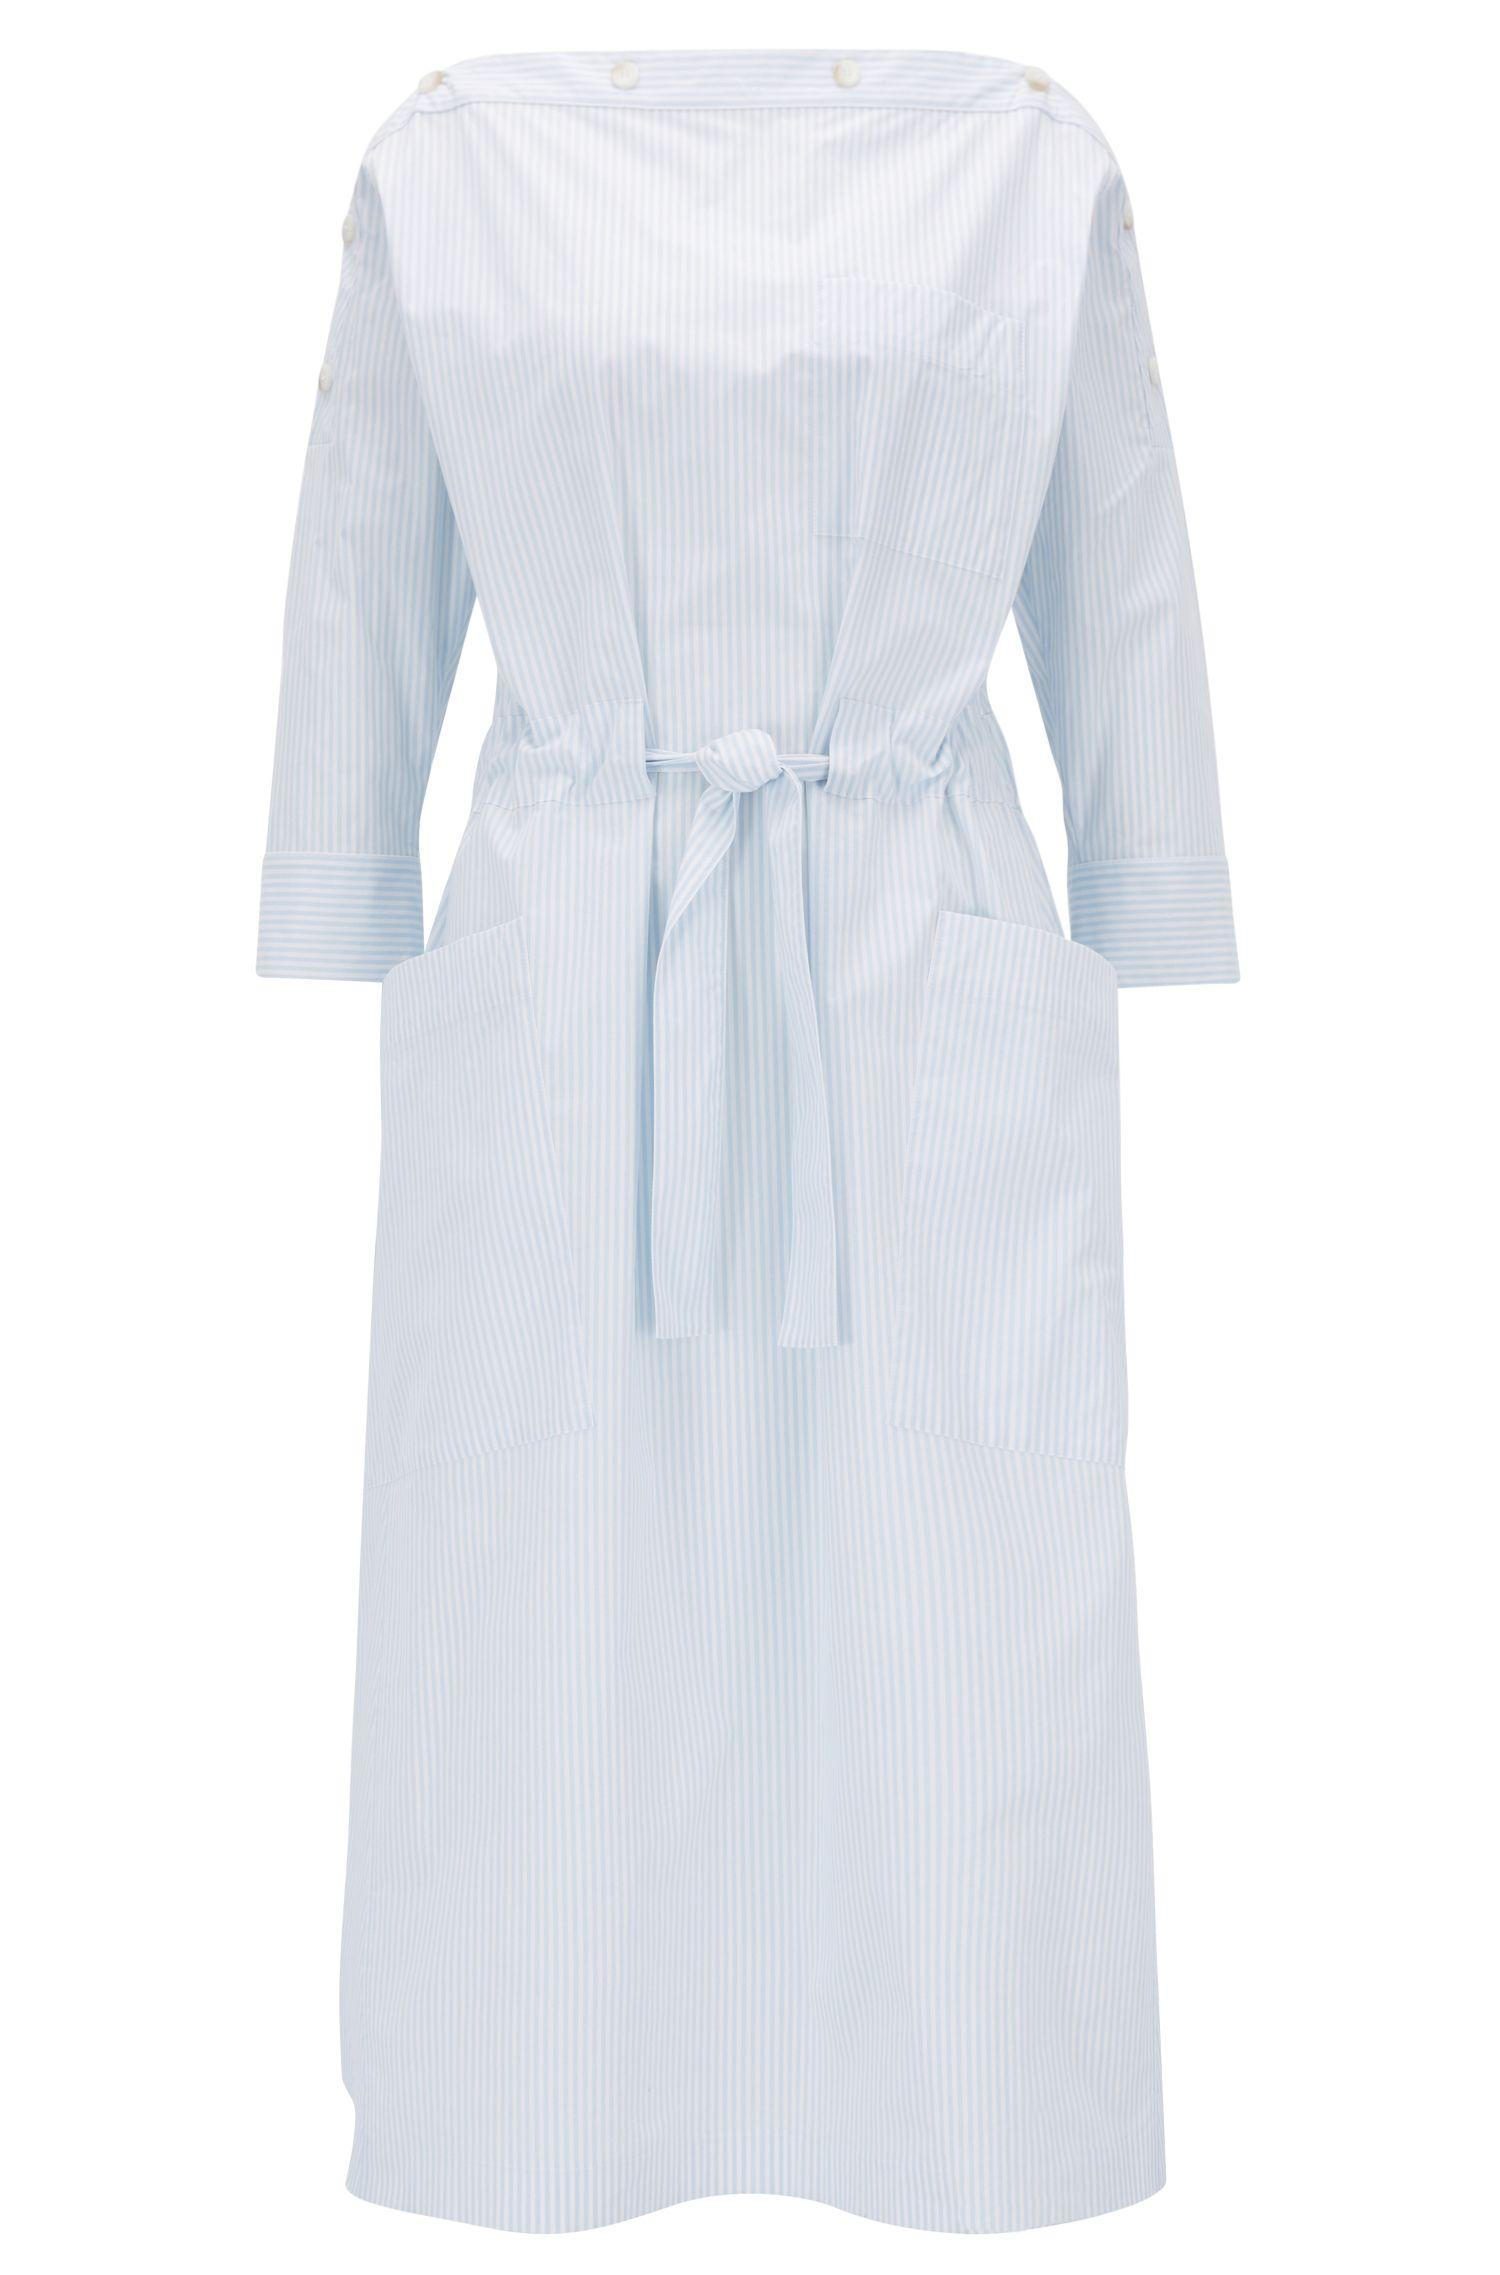 Robe d'été rayée à encolure boutonnée